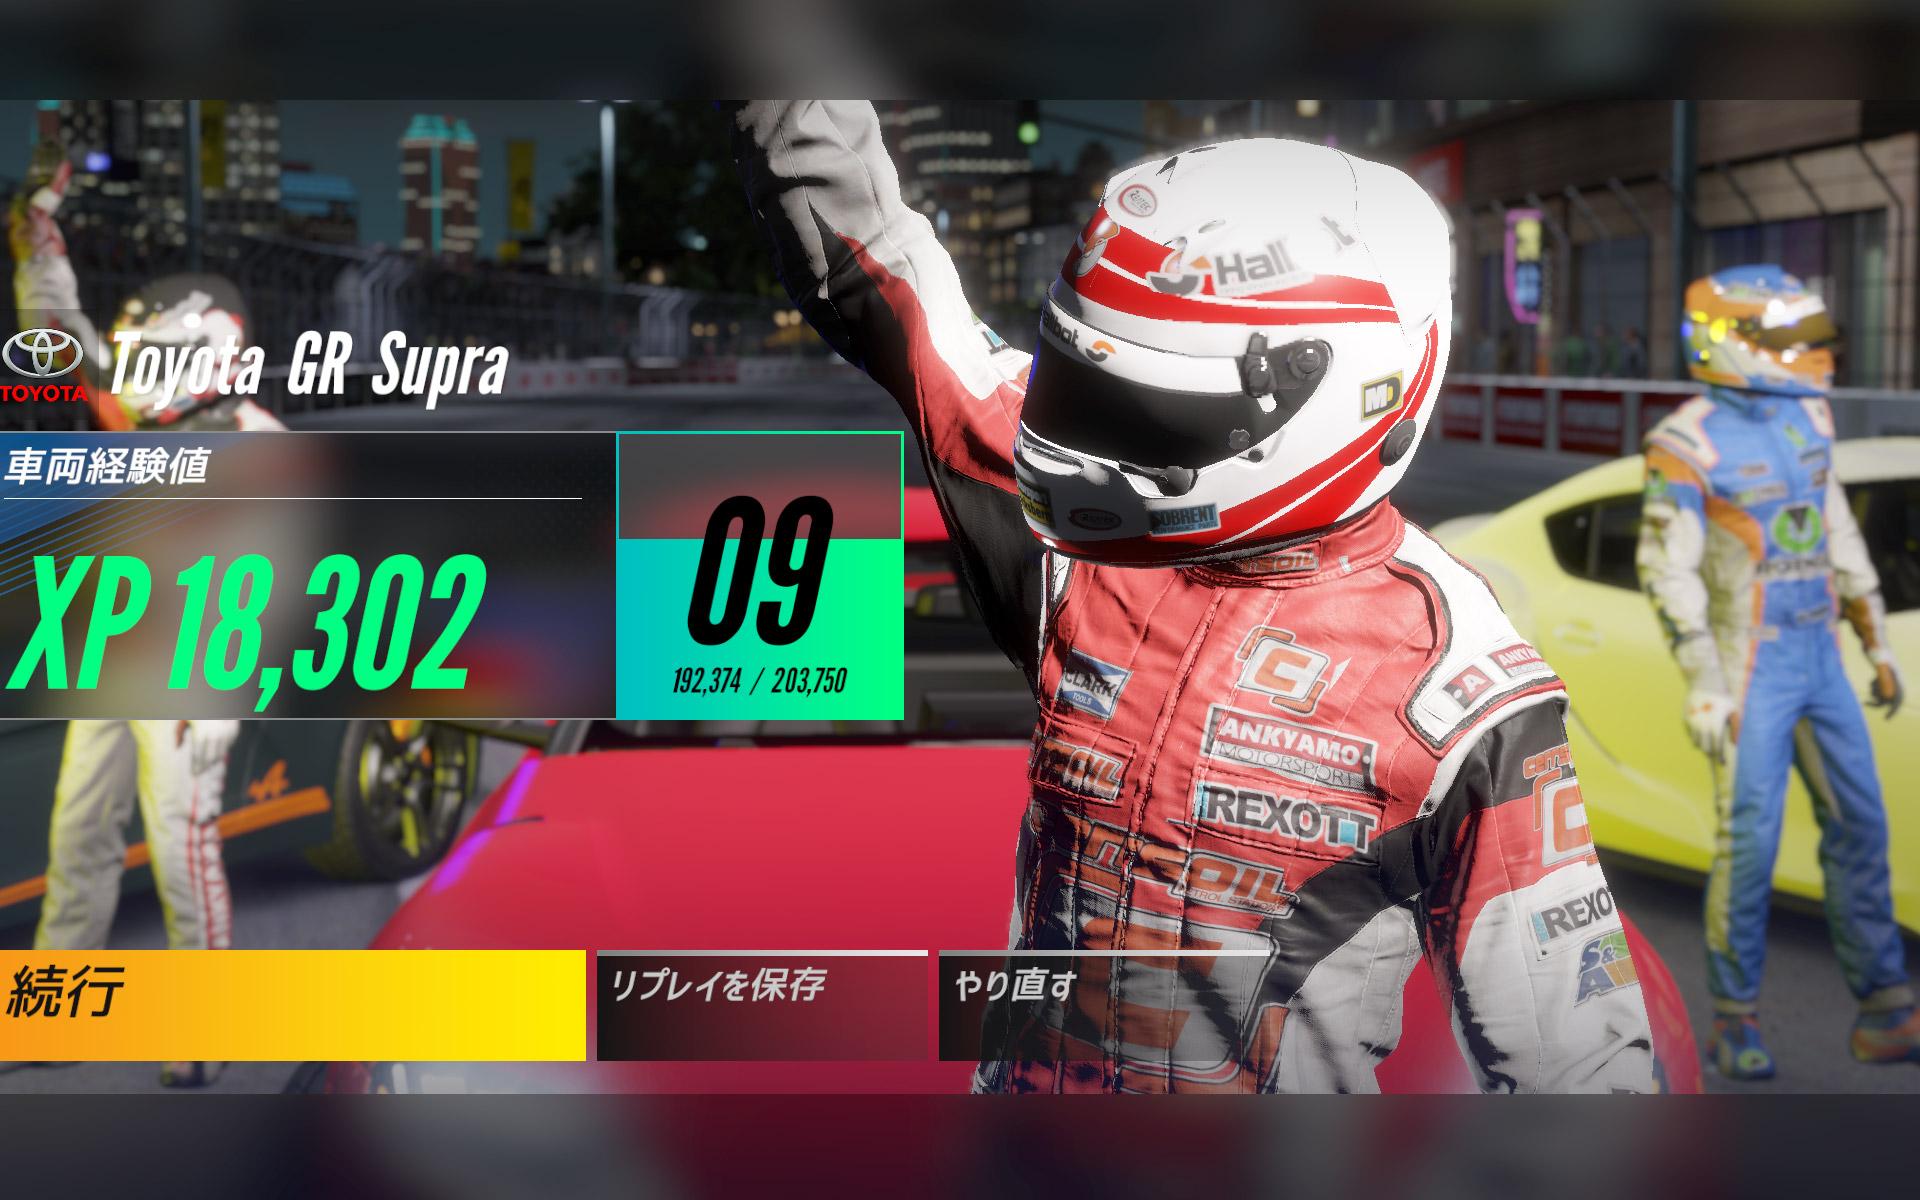 このコースでの勝利やドライバーはもちろん、クルマに対してもポイントが加算される